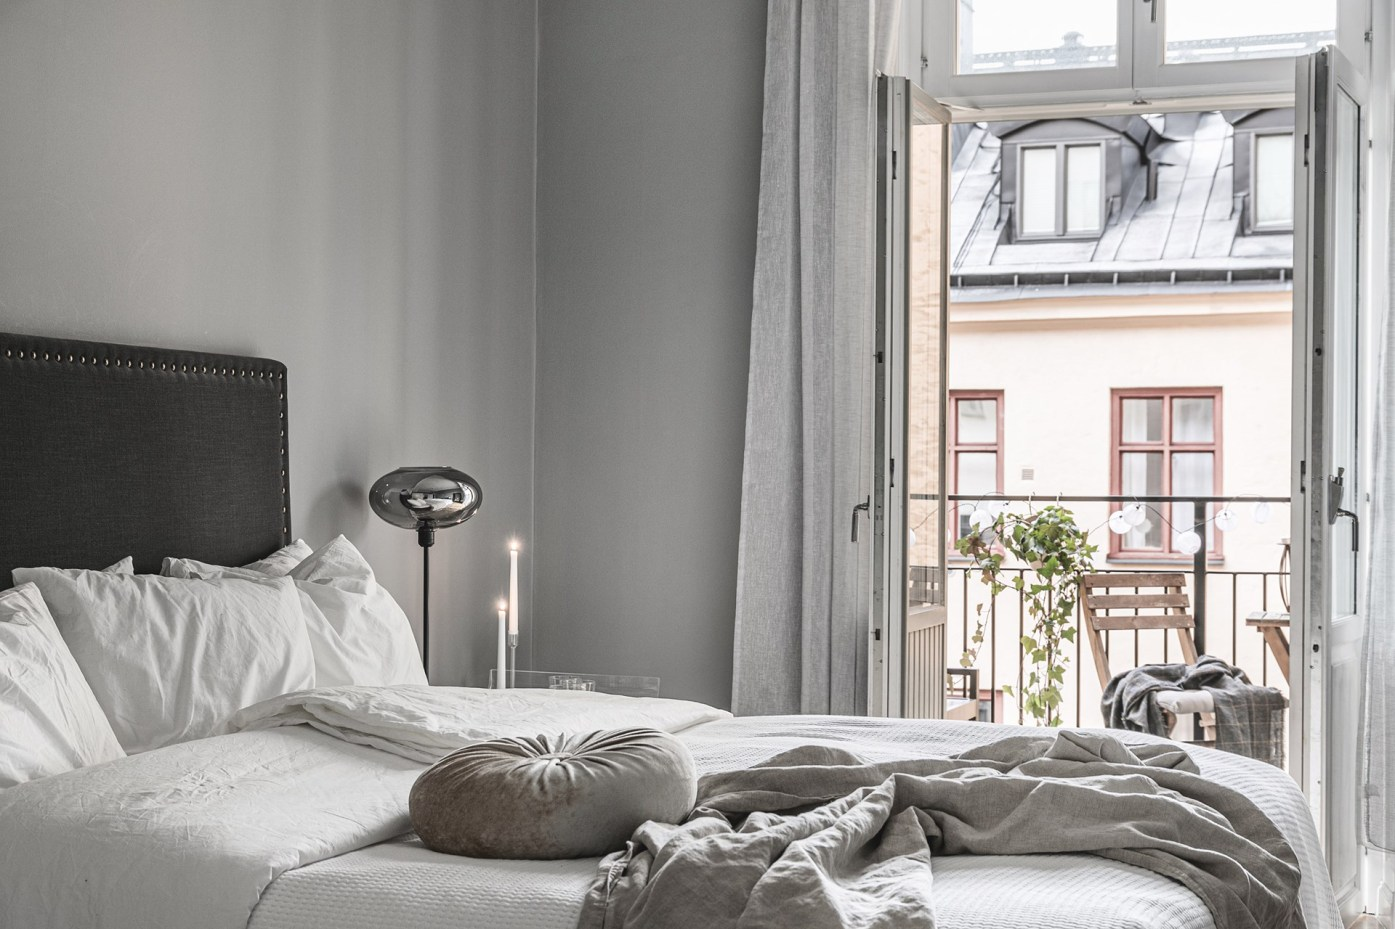 квартира 89 квм спальня кровать изголовье балкон